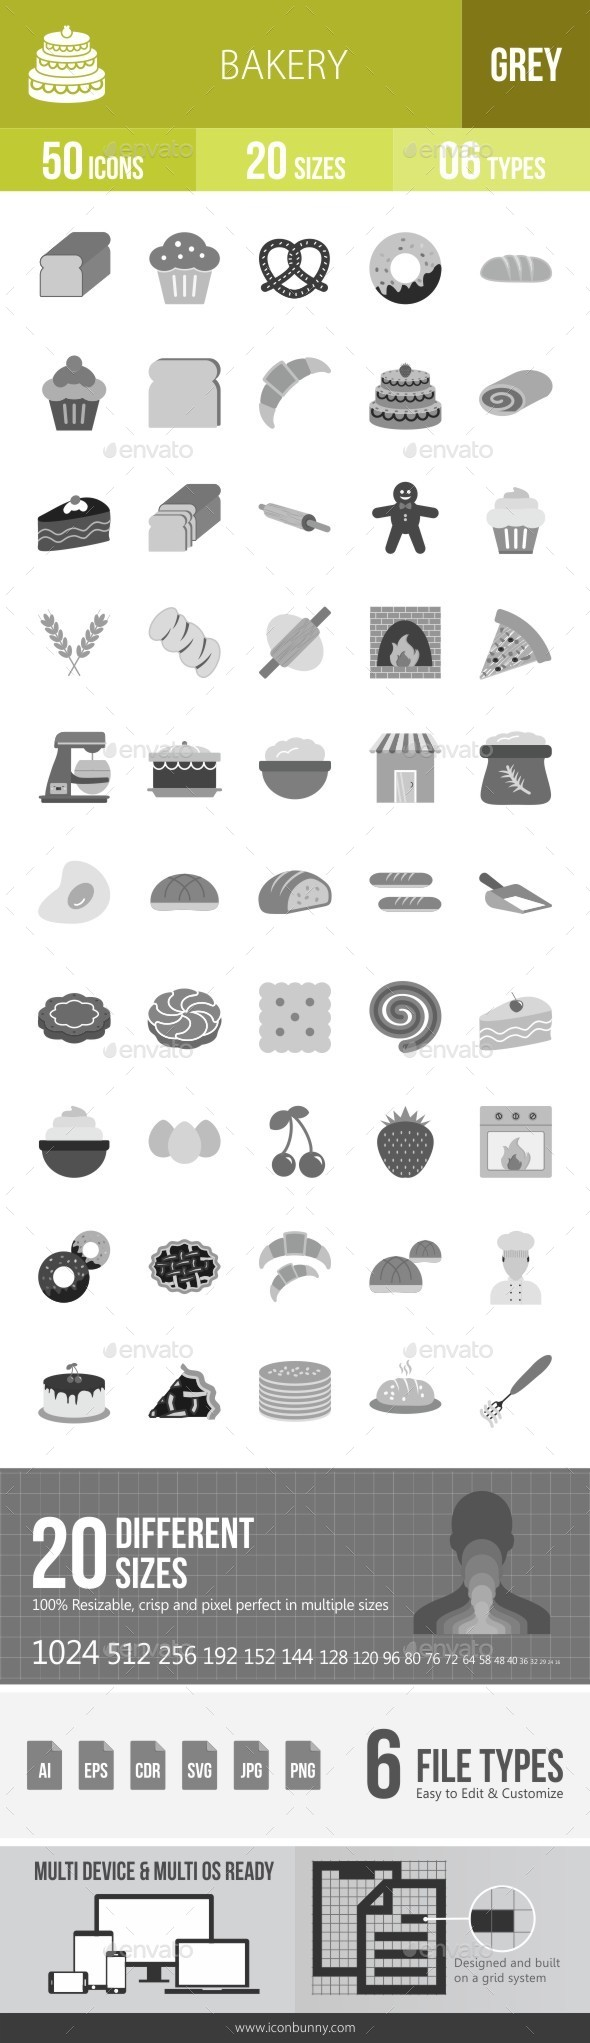 Bakery Greyscale Icons - Icons